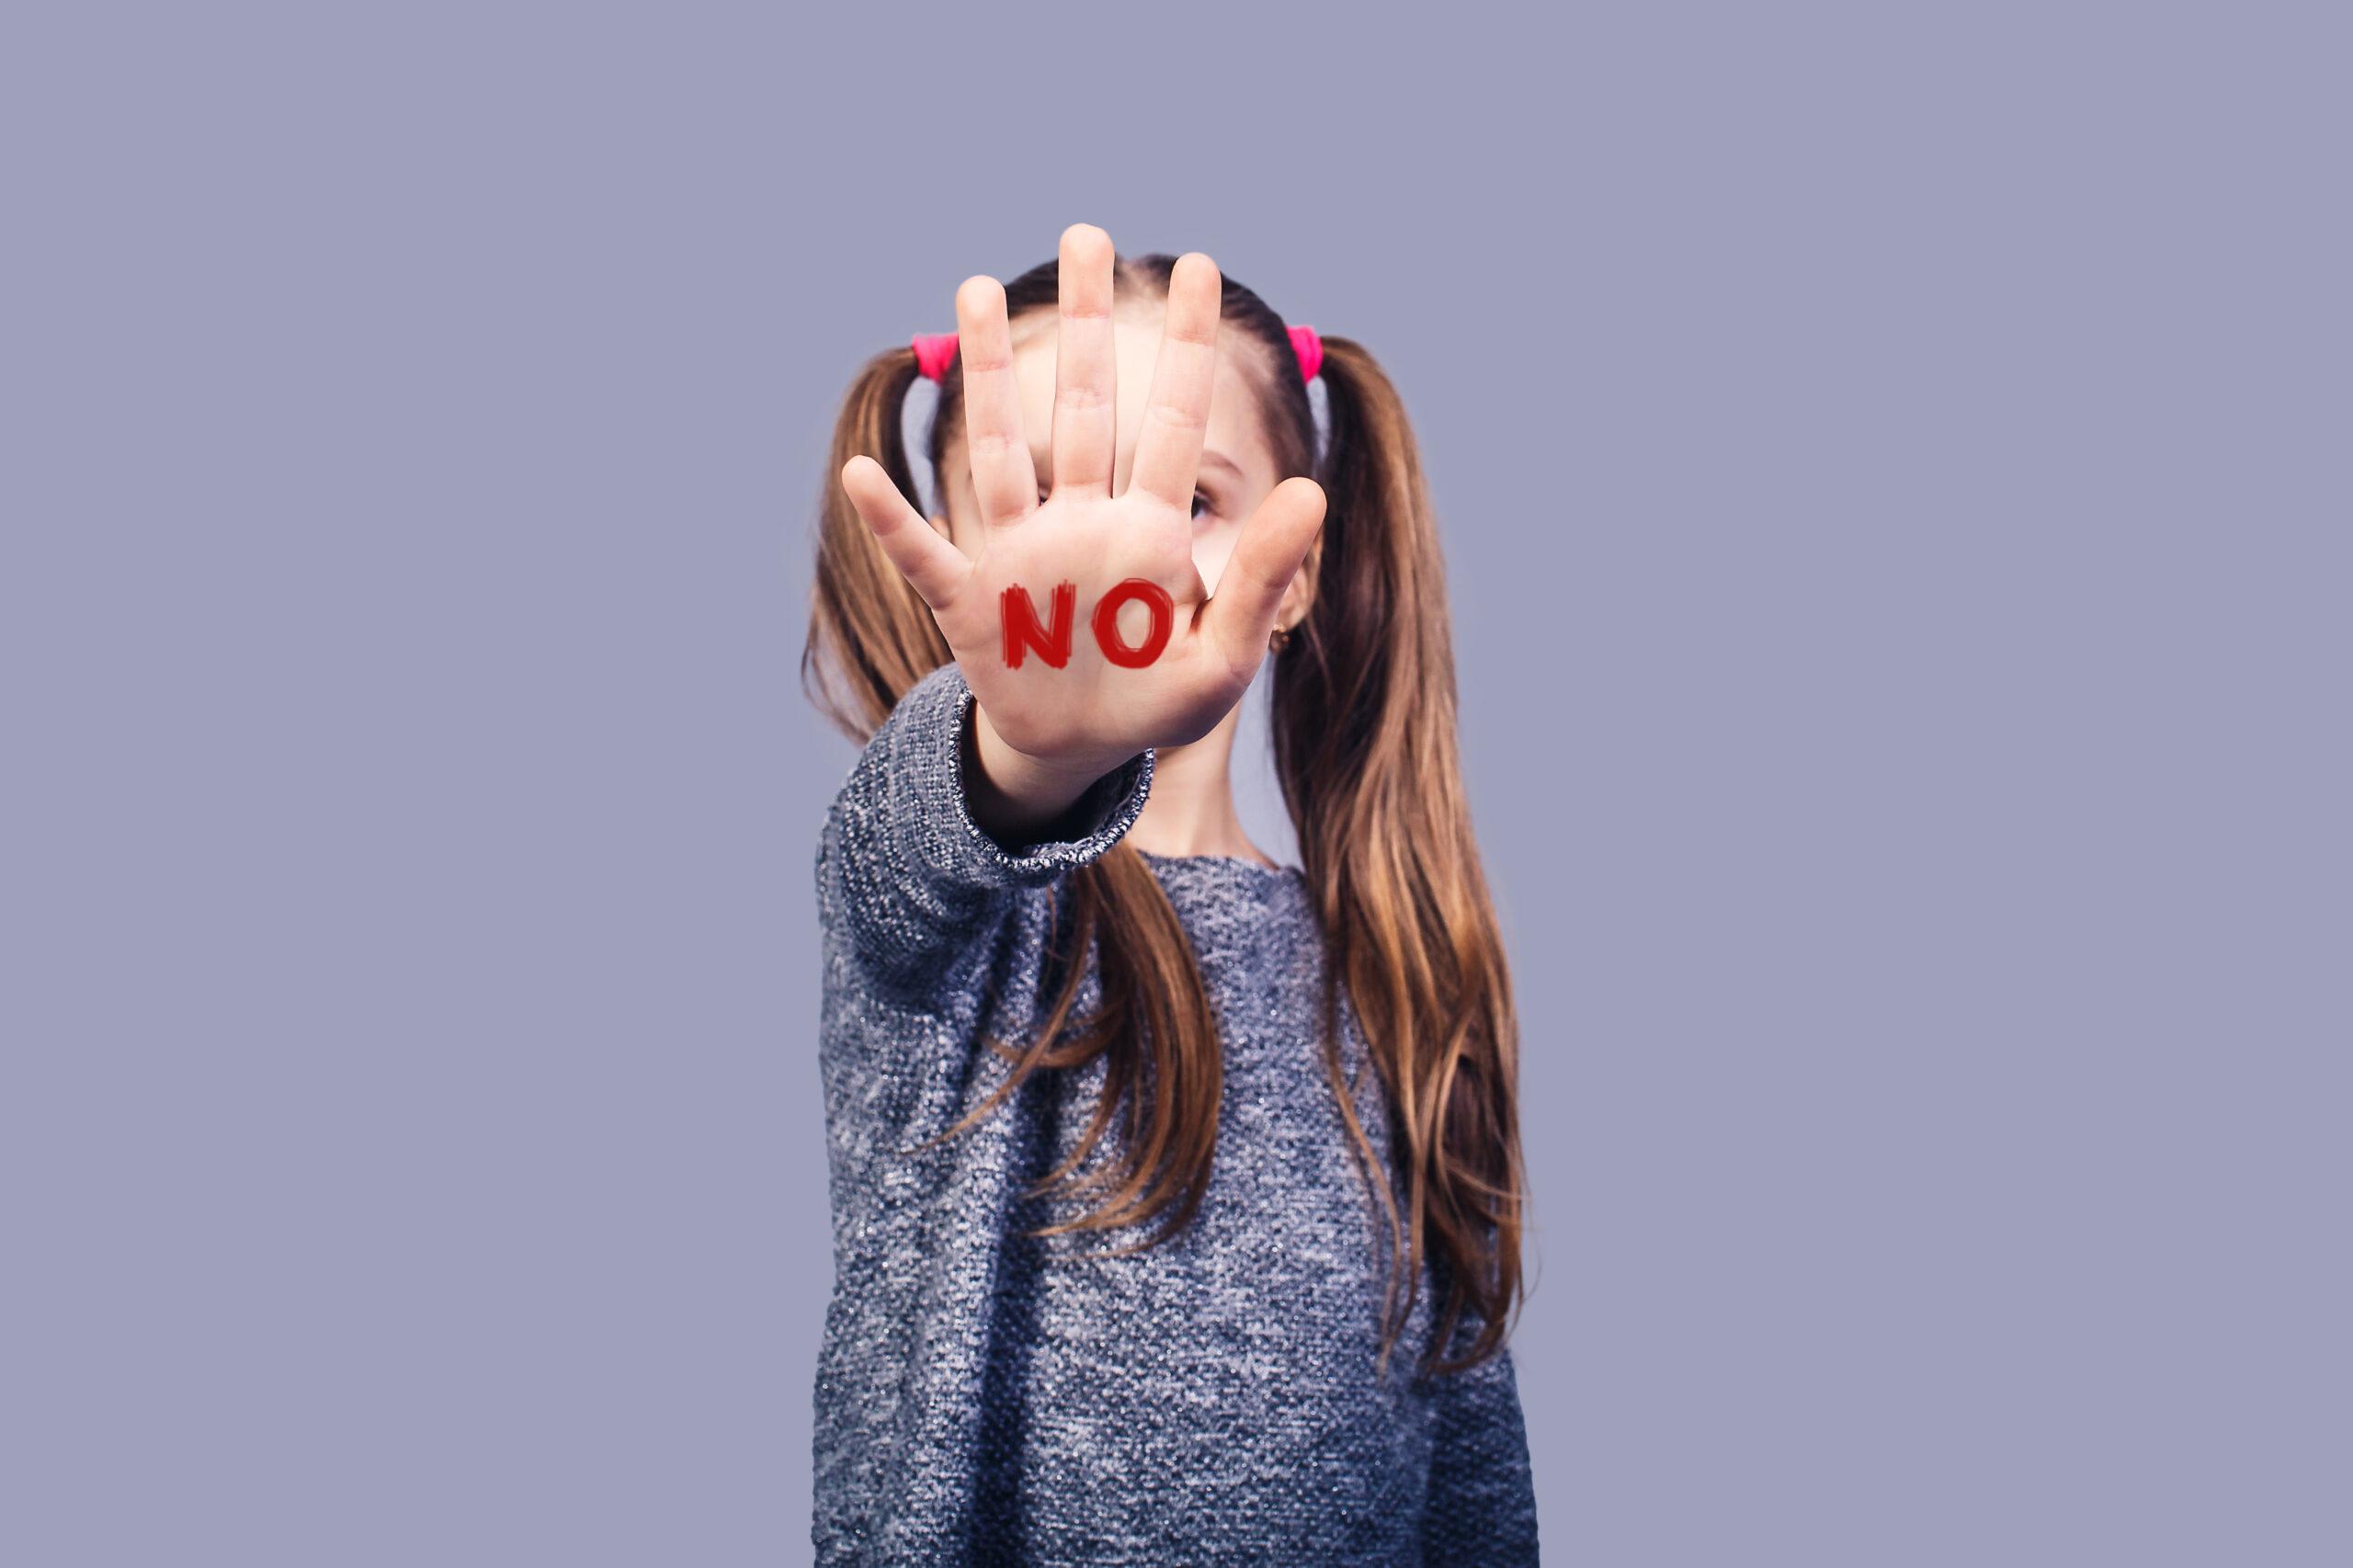 omo-educar-para-previnir-o-abuso-sexual-em-criancas